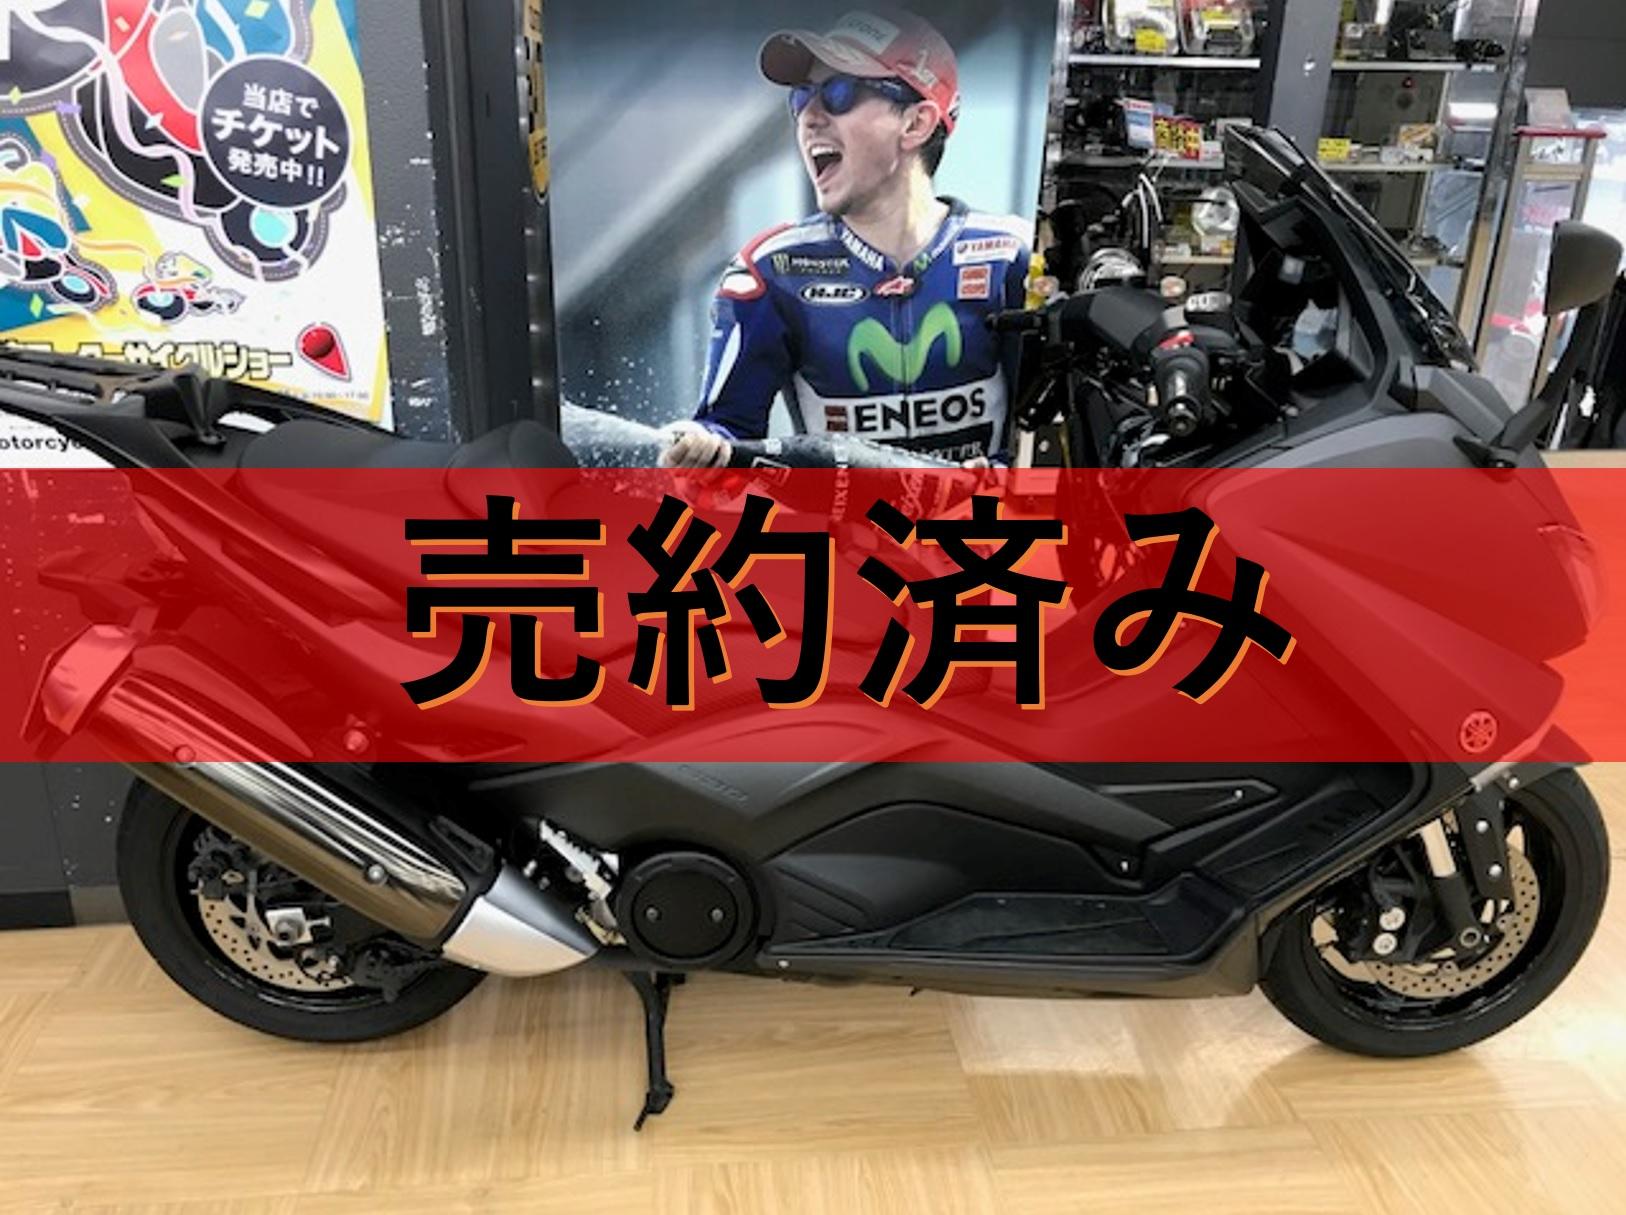 YAMAHA 【販売車両】T-MAX530 国内正規 倒立フロントフォーク LEDヘッドライト スマートキー